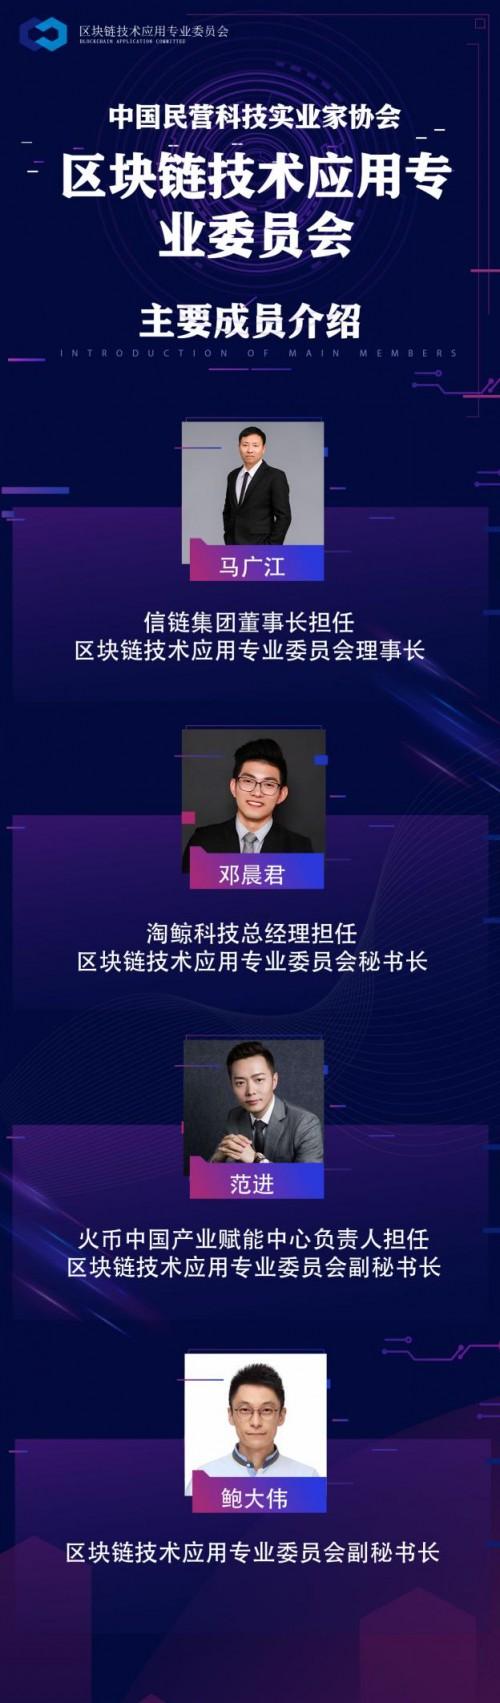 中国民协打造区块链技术应用专委会 推动技术先行辅助行业应用落地